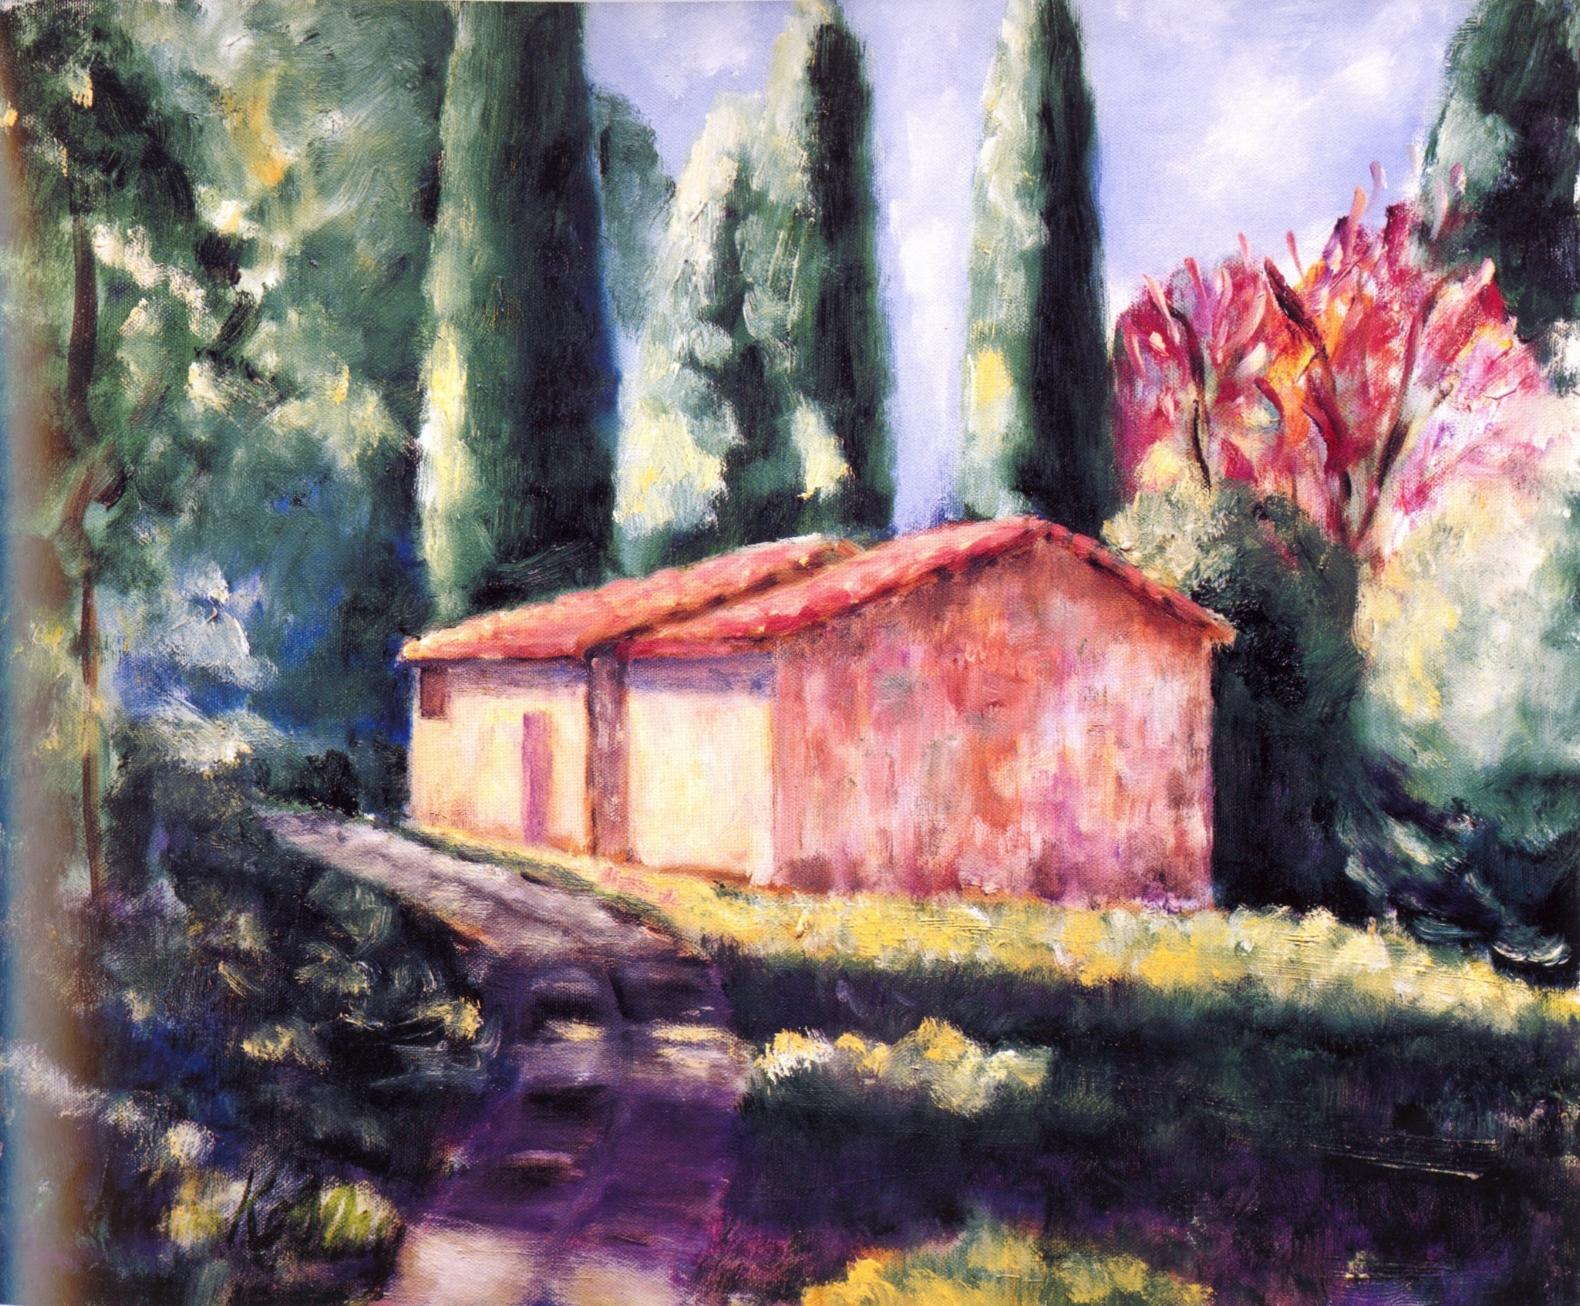 La Casa Piccolo, Giaole In Chianti   Oil on canvas, 20'' x 24'', 2004